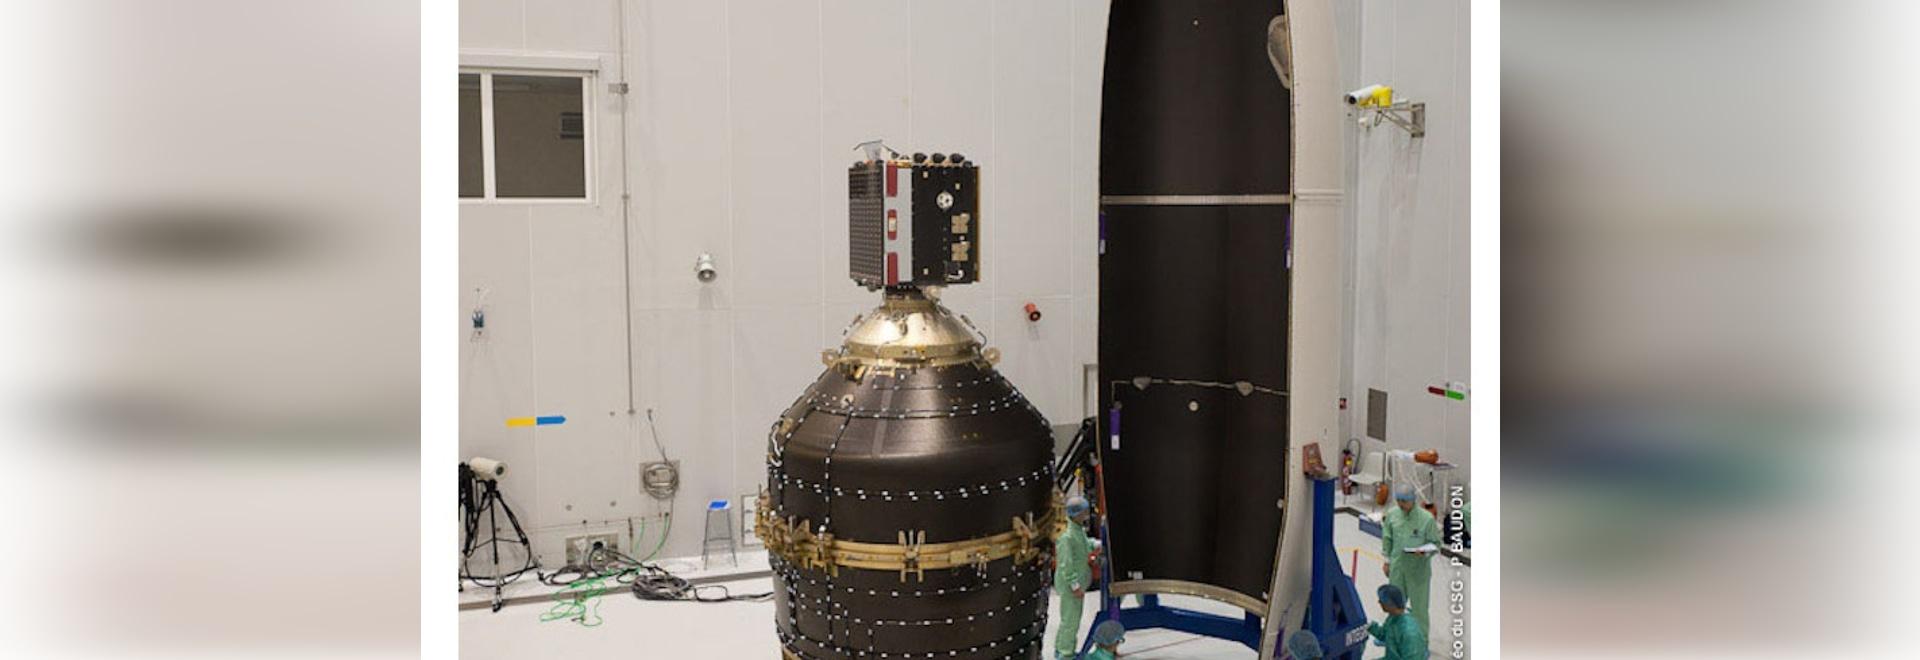 L'Agence spatiale européenne lance un robot pour nettoyer l'espace